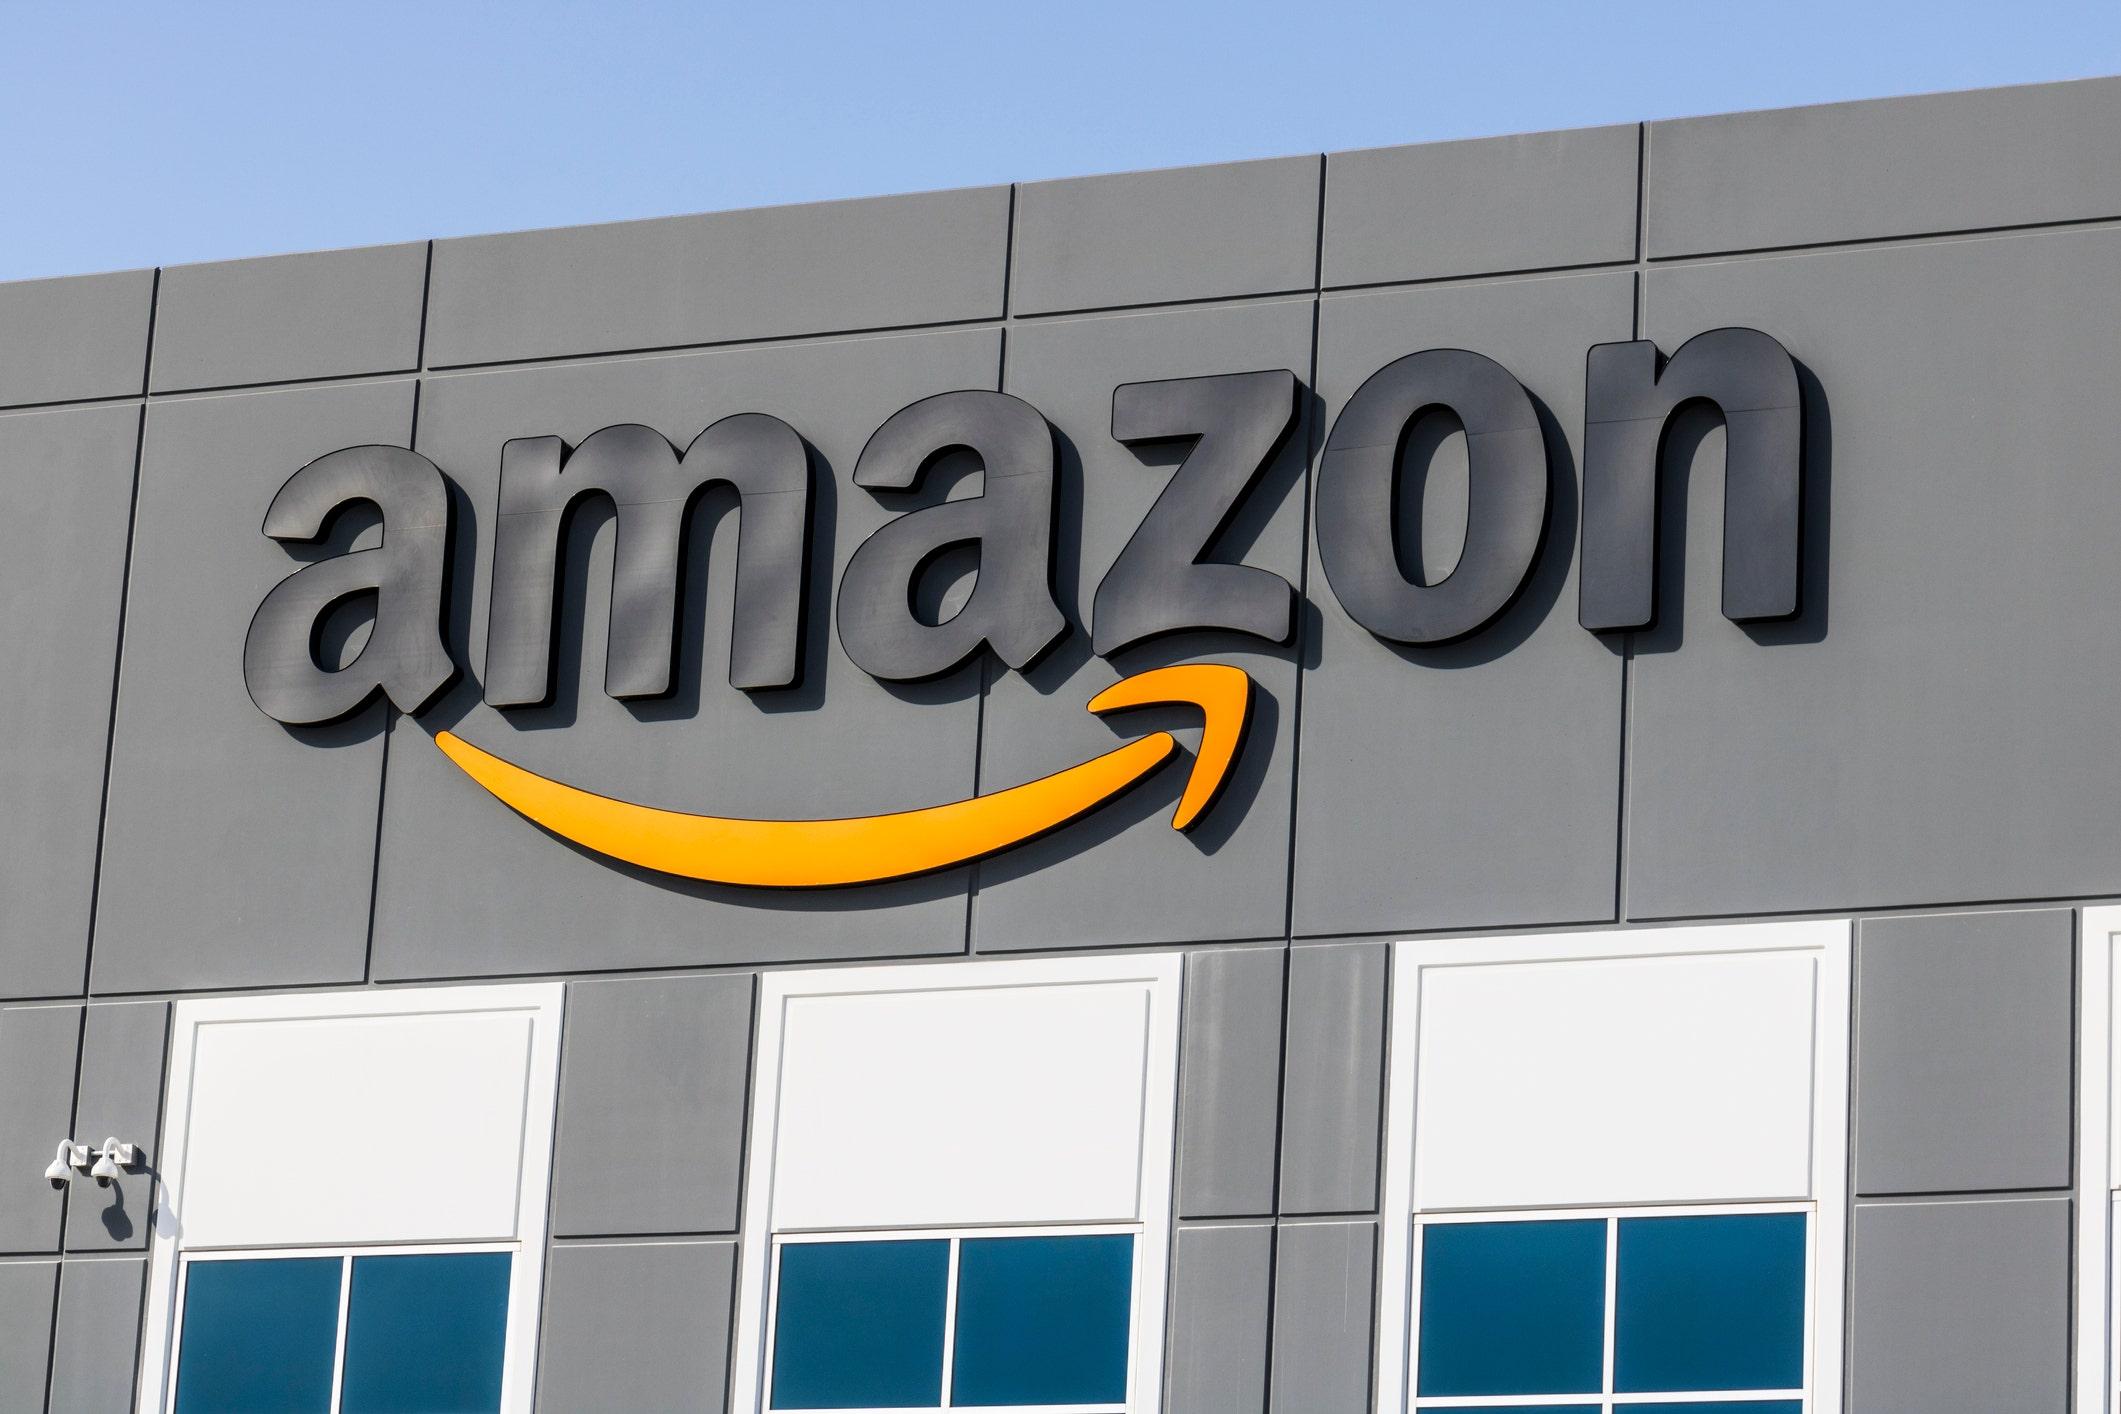 Amazon Lieferung-Treiber in Kalifornien gefangen auf Kamera scheinbar spucken Paket